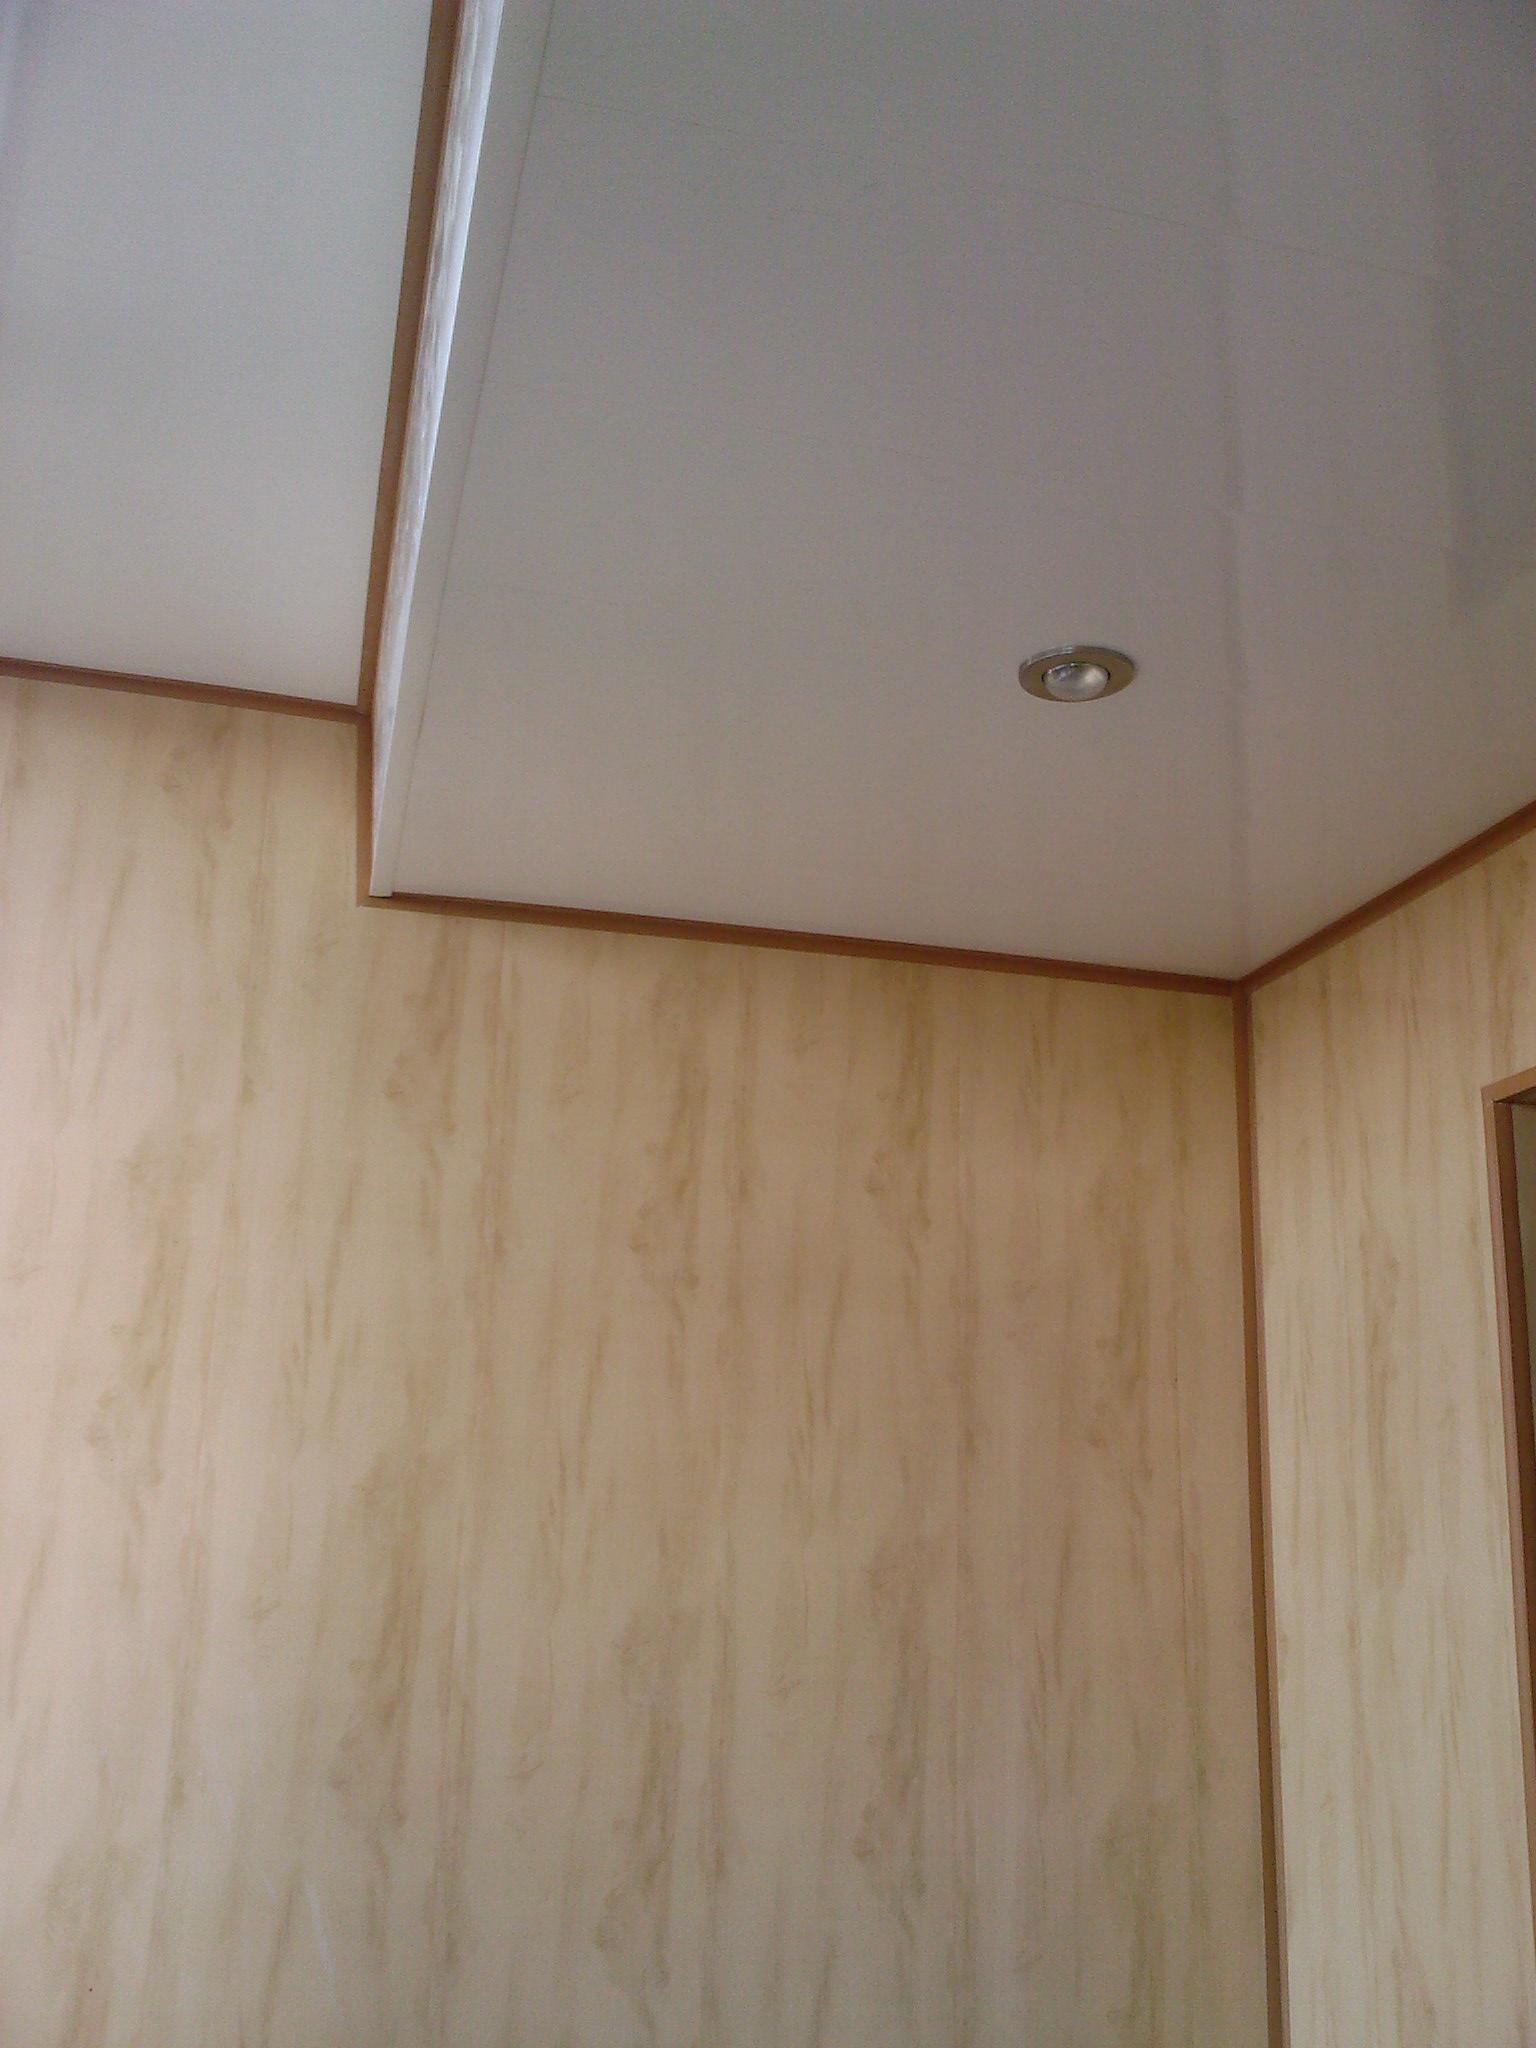 Подвесной потолок на балконе